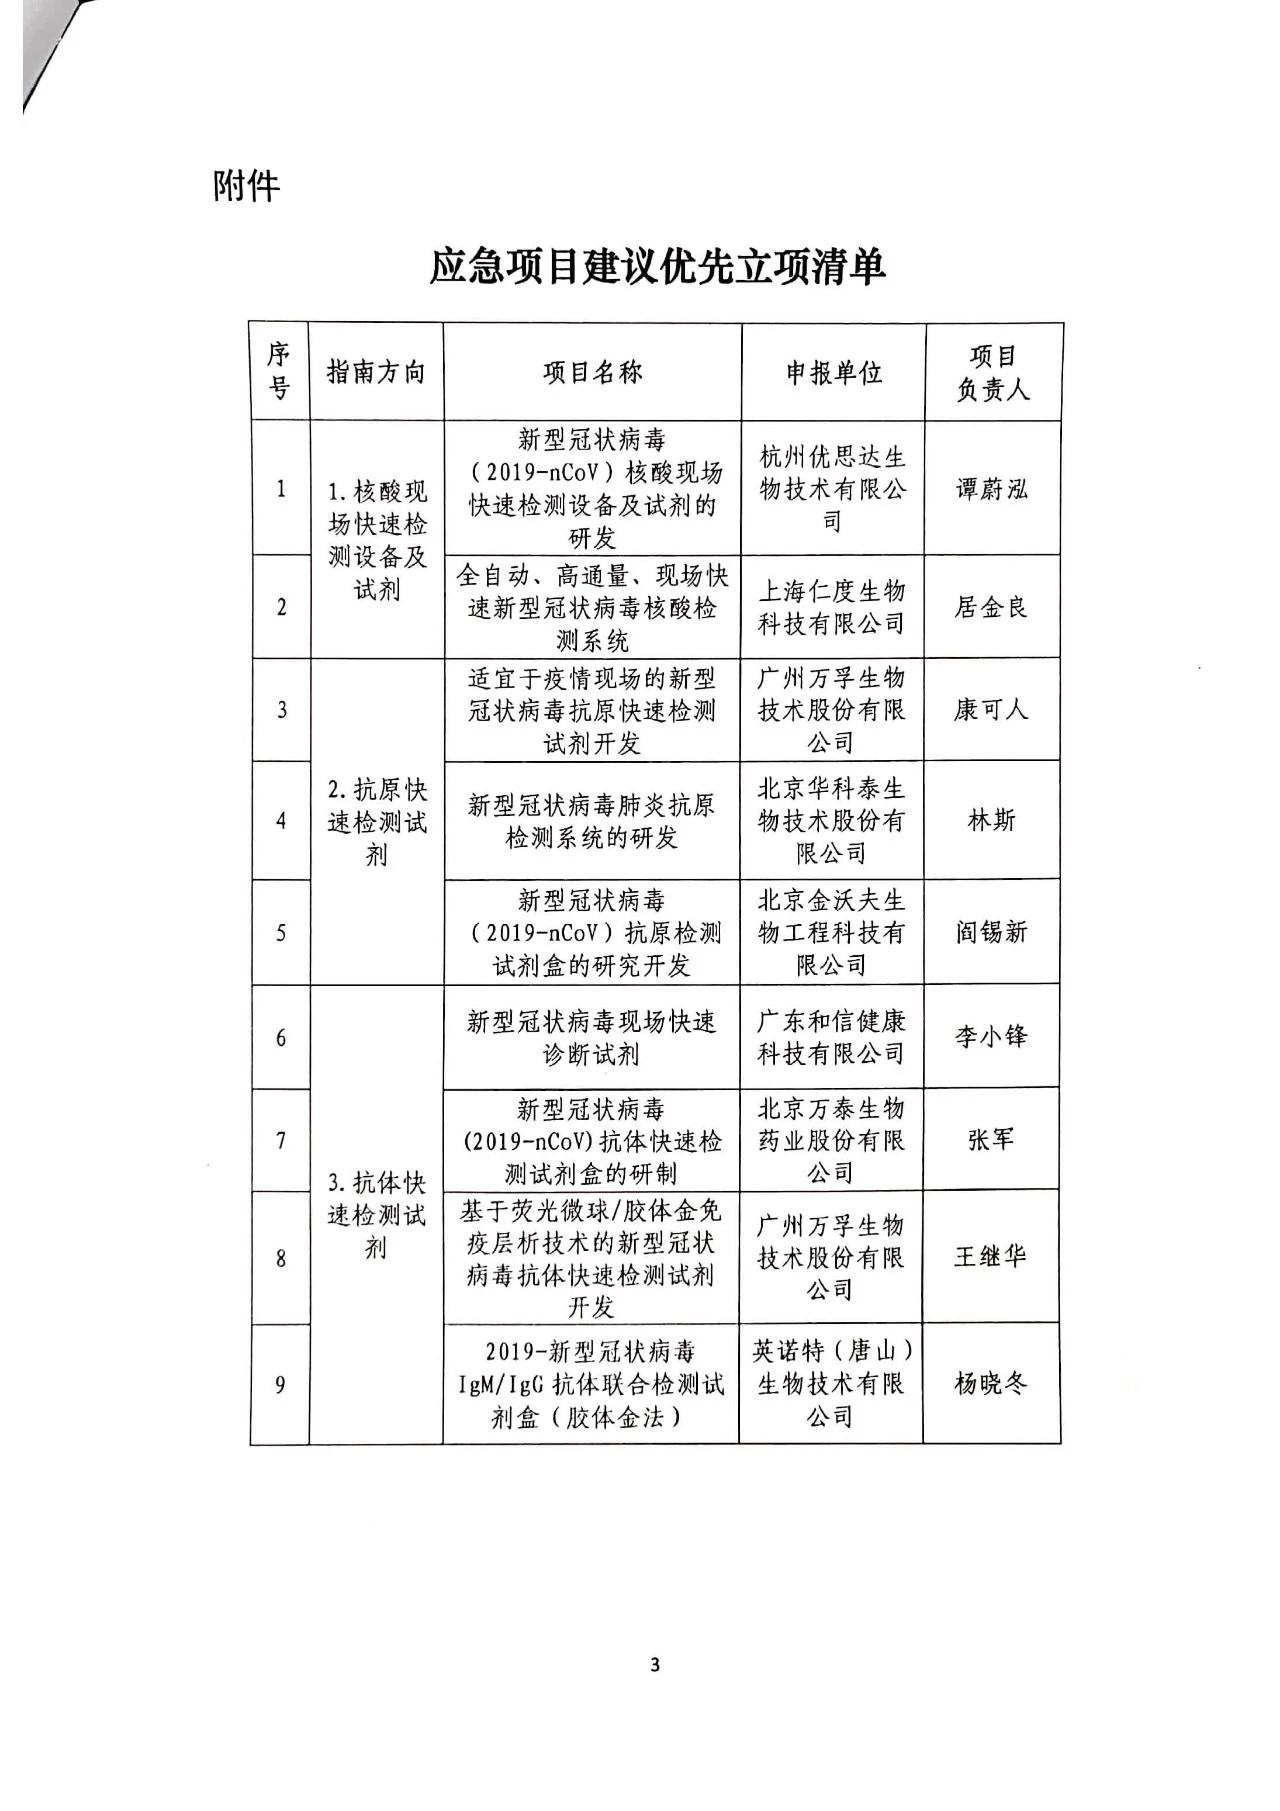 原创最新进展 9个新冠病毒快检产品被推荐进入药监局应急审批通道!